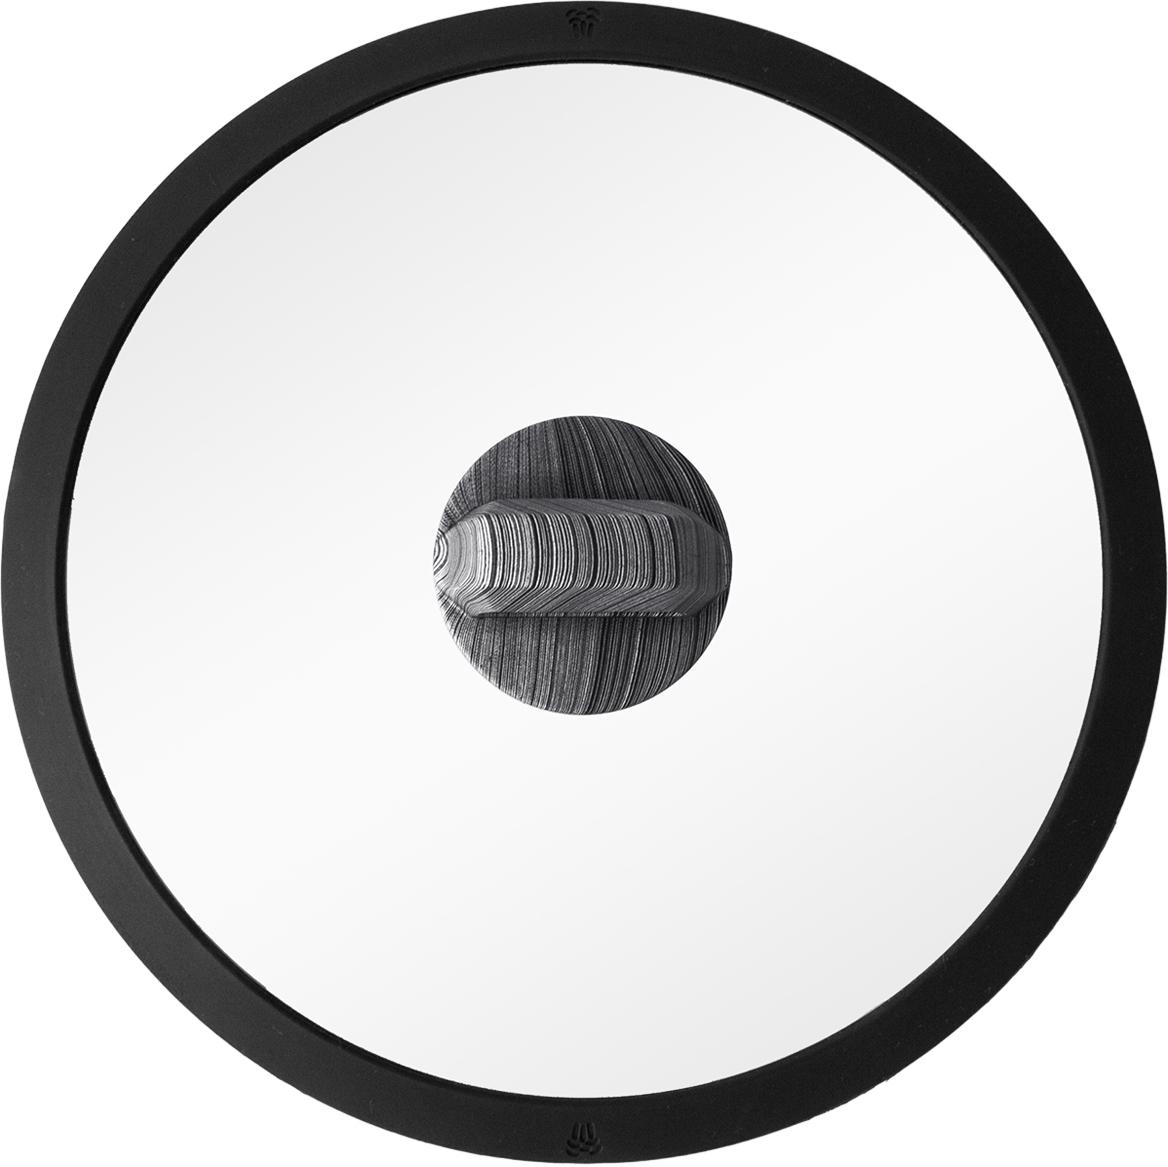 """Силиконовый обод обеспечивает плотное прилегание крышки и предохраняет бортики посуды от повреждений. Удобная ненагревающаяся ручка с покрытием """"Soft-touch"""", предотвращающим выскальзывание. Прочное закаленное стекло."""